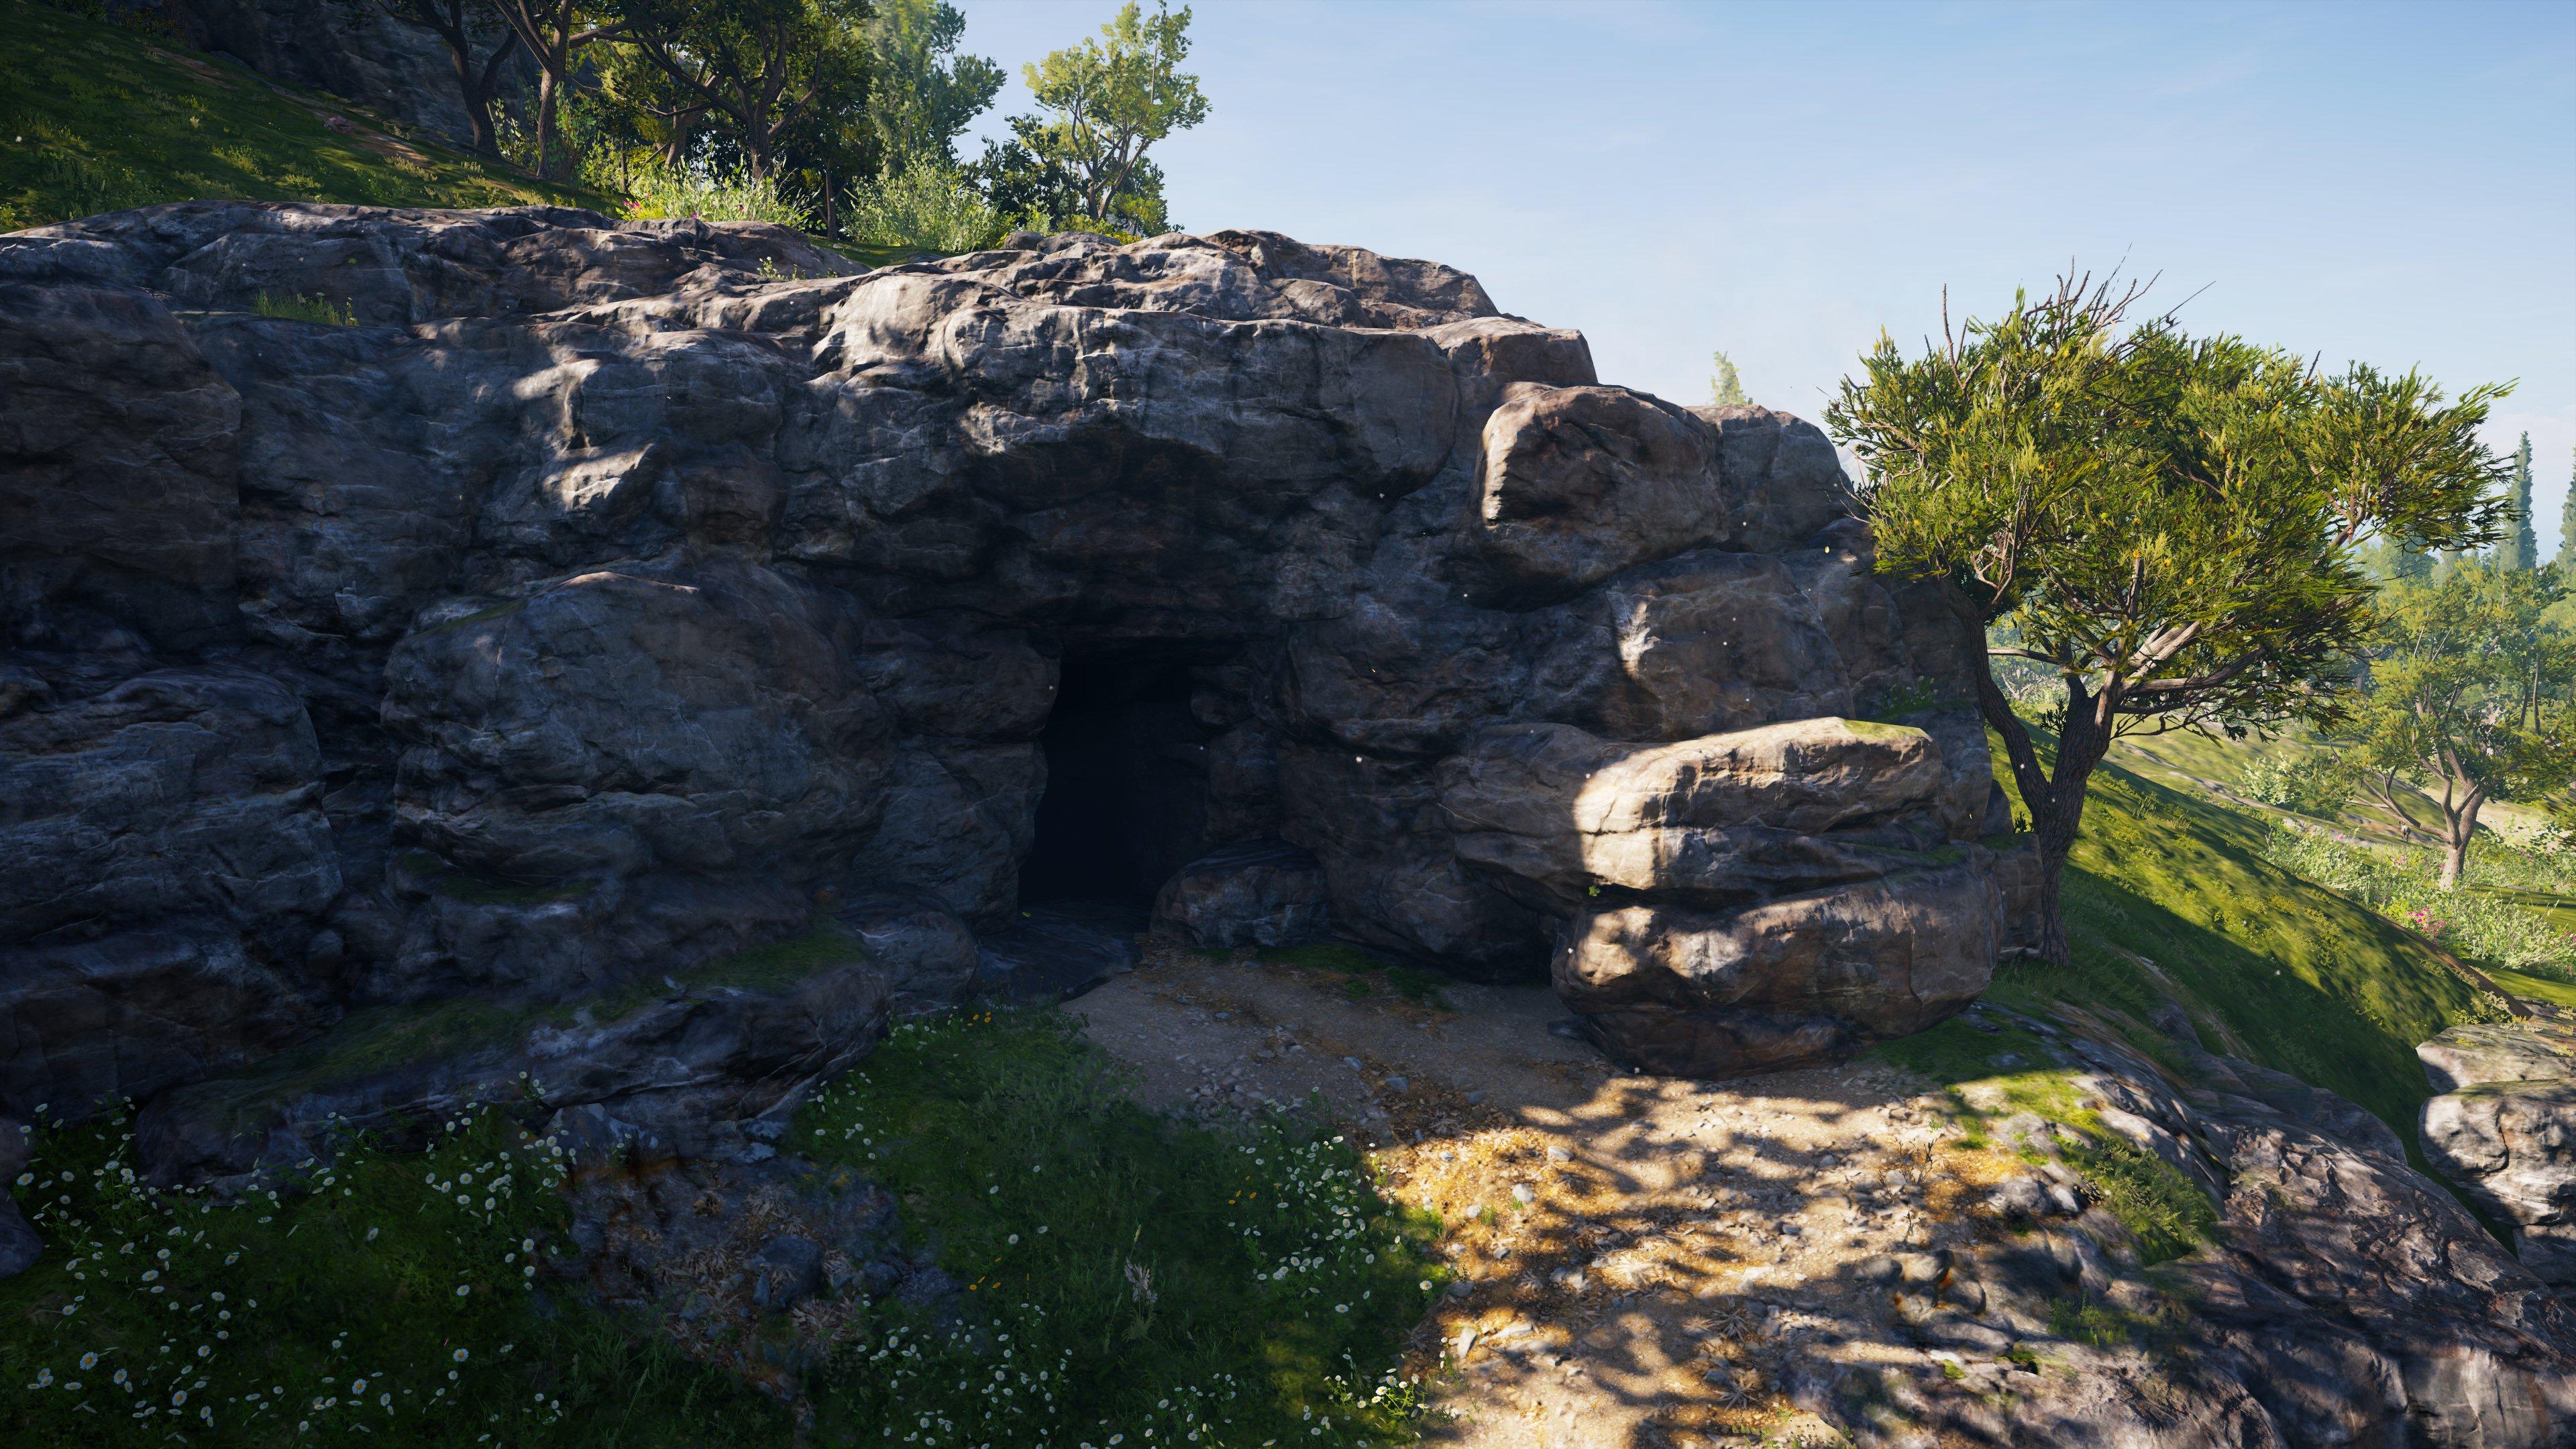 Dibutades Cave